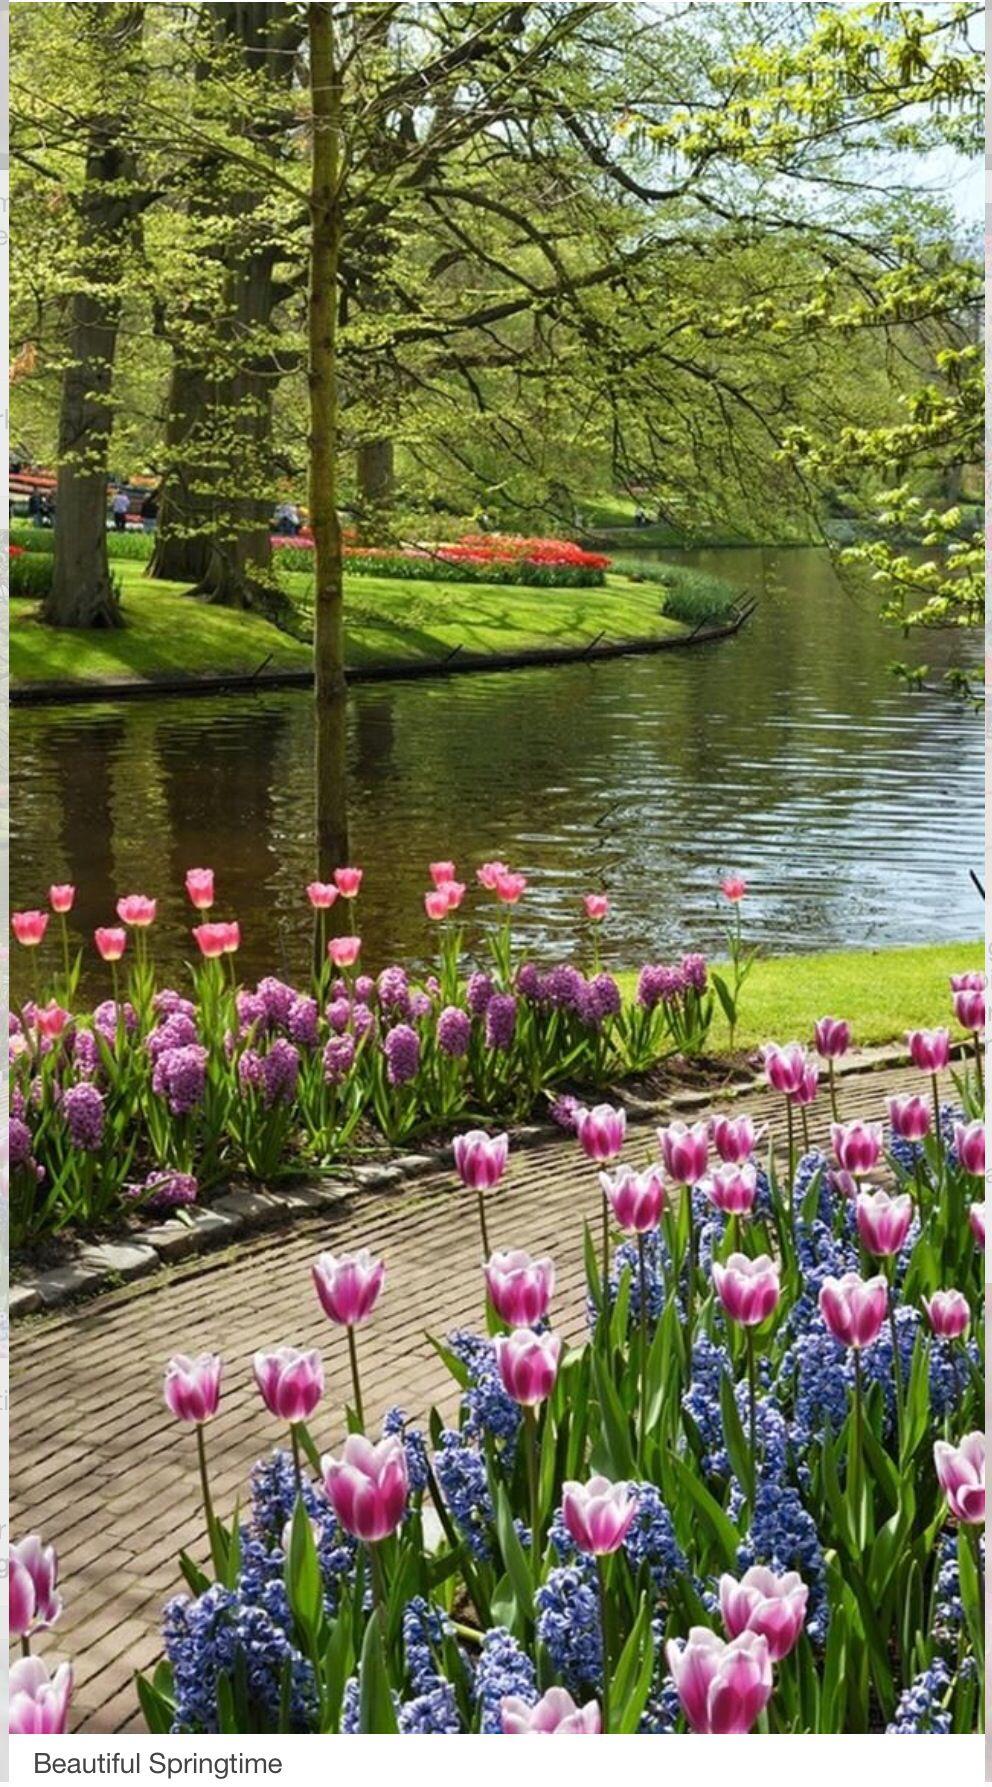 Que agradable un paseo por aquí....Eres feliz cuando disfrutas el ahora intensamente...